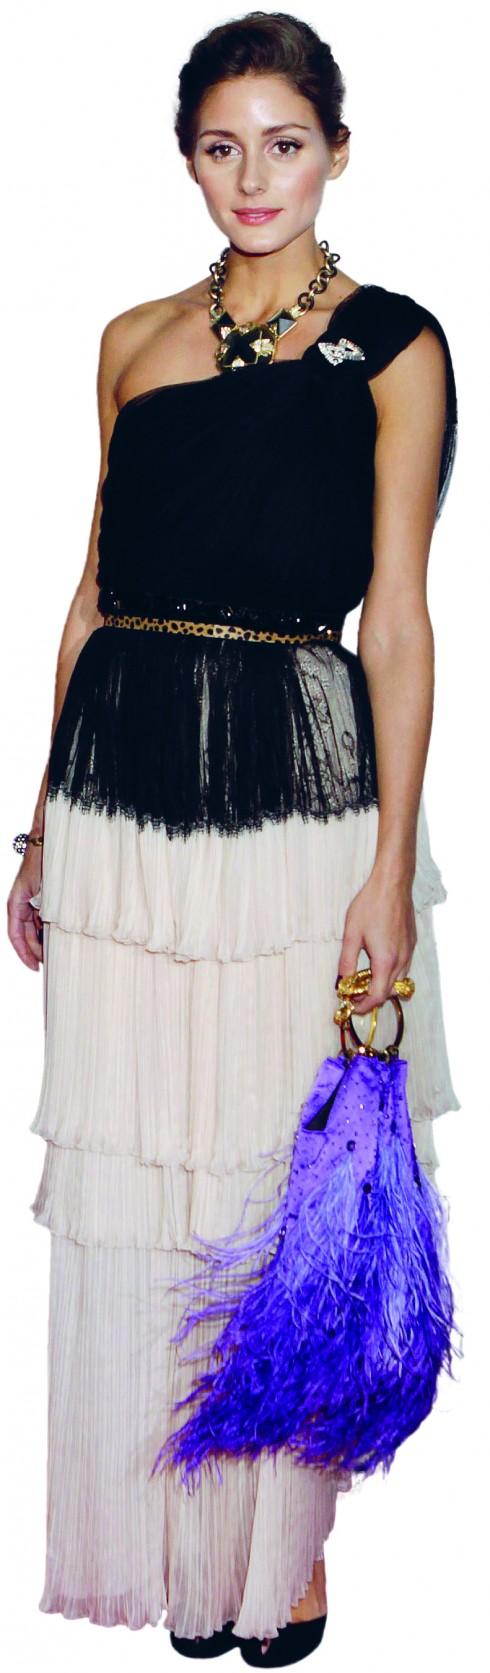 <b>5.</b> Tham gia sự kiện New York City Ballet Gala, Olivia đã lựa chọn đầm lệch vai tua rua đen trắng với điểm nhấn là vòng cổ đính đá bản lớn và clutch tua rua màu tím.